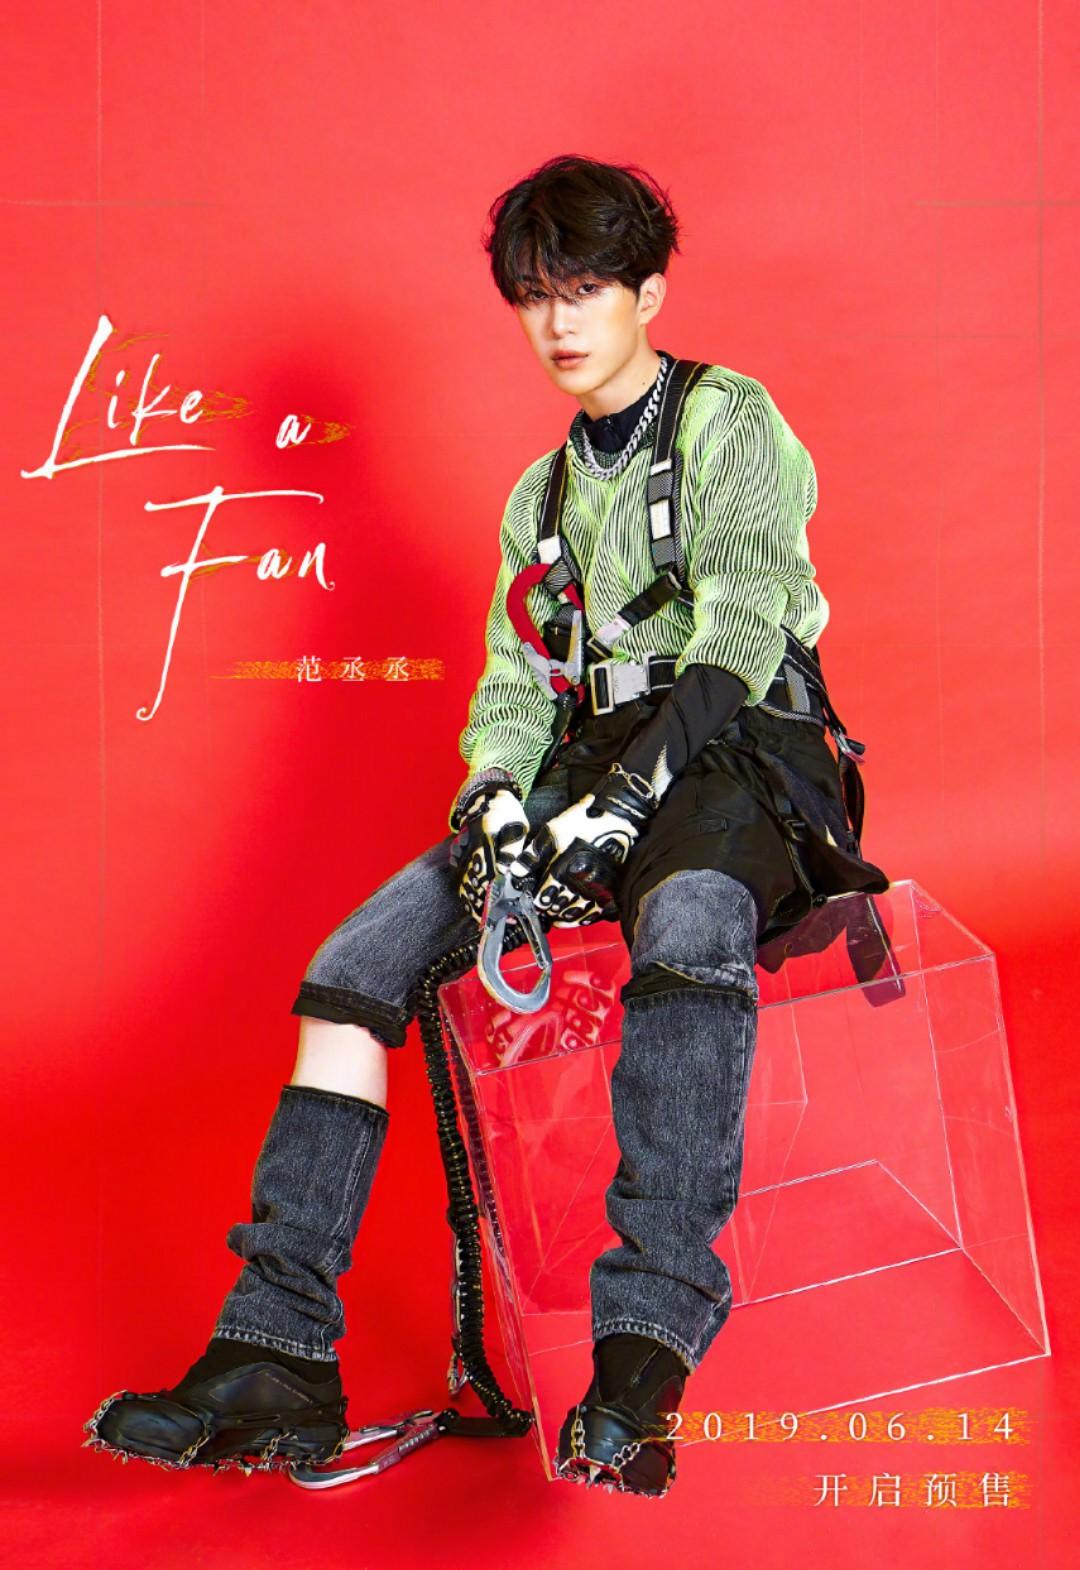 范丞丞首张MINI专辑《Like A Fan》预售 616正式上线